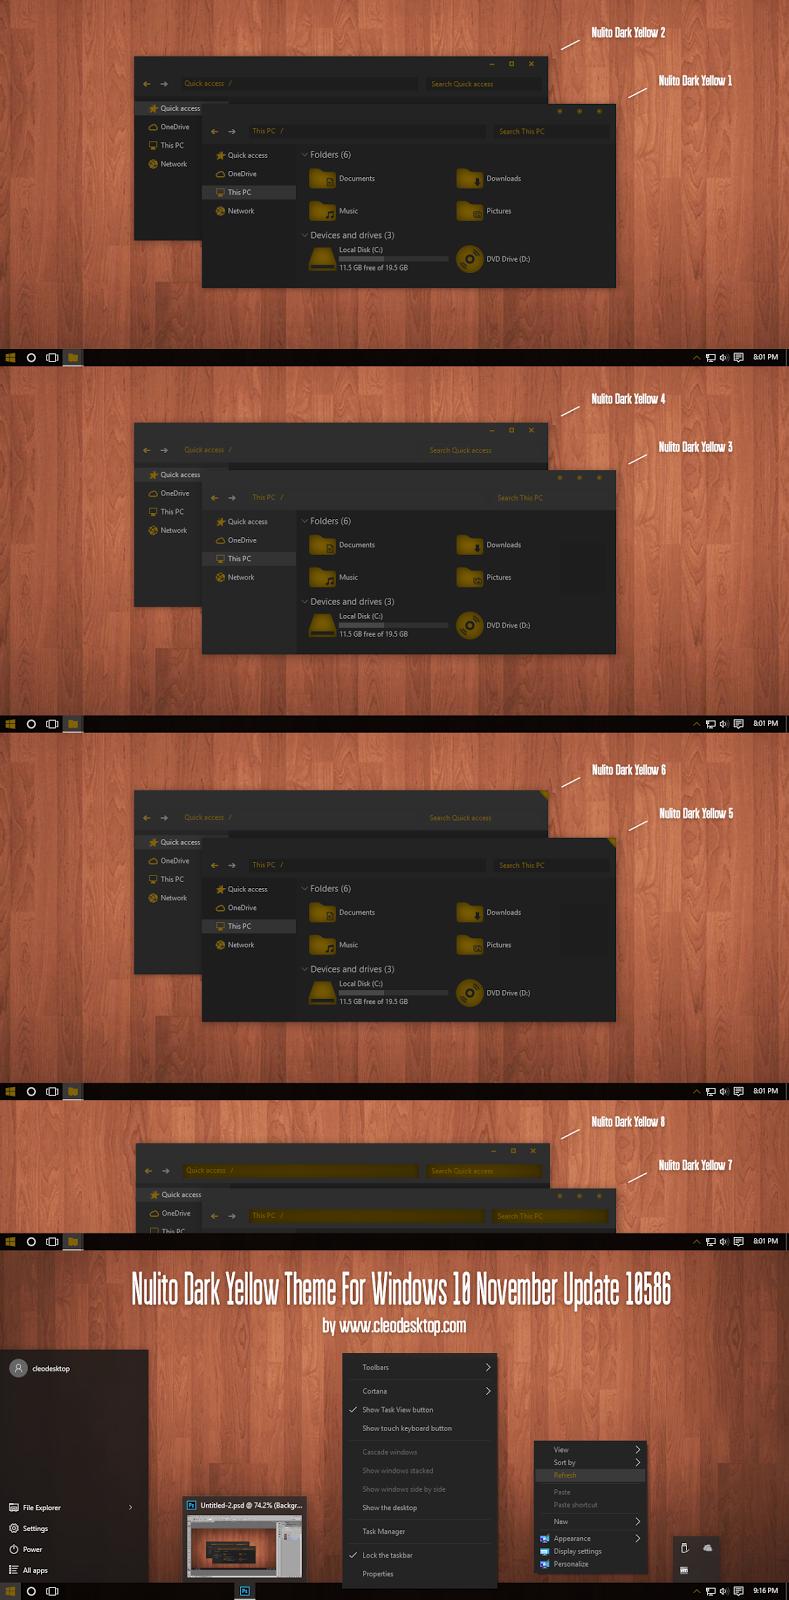 Nulito Dark Yellow Theme For Windows10 November Update (10586)